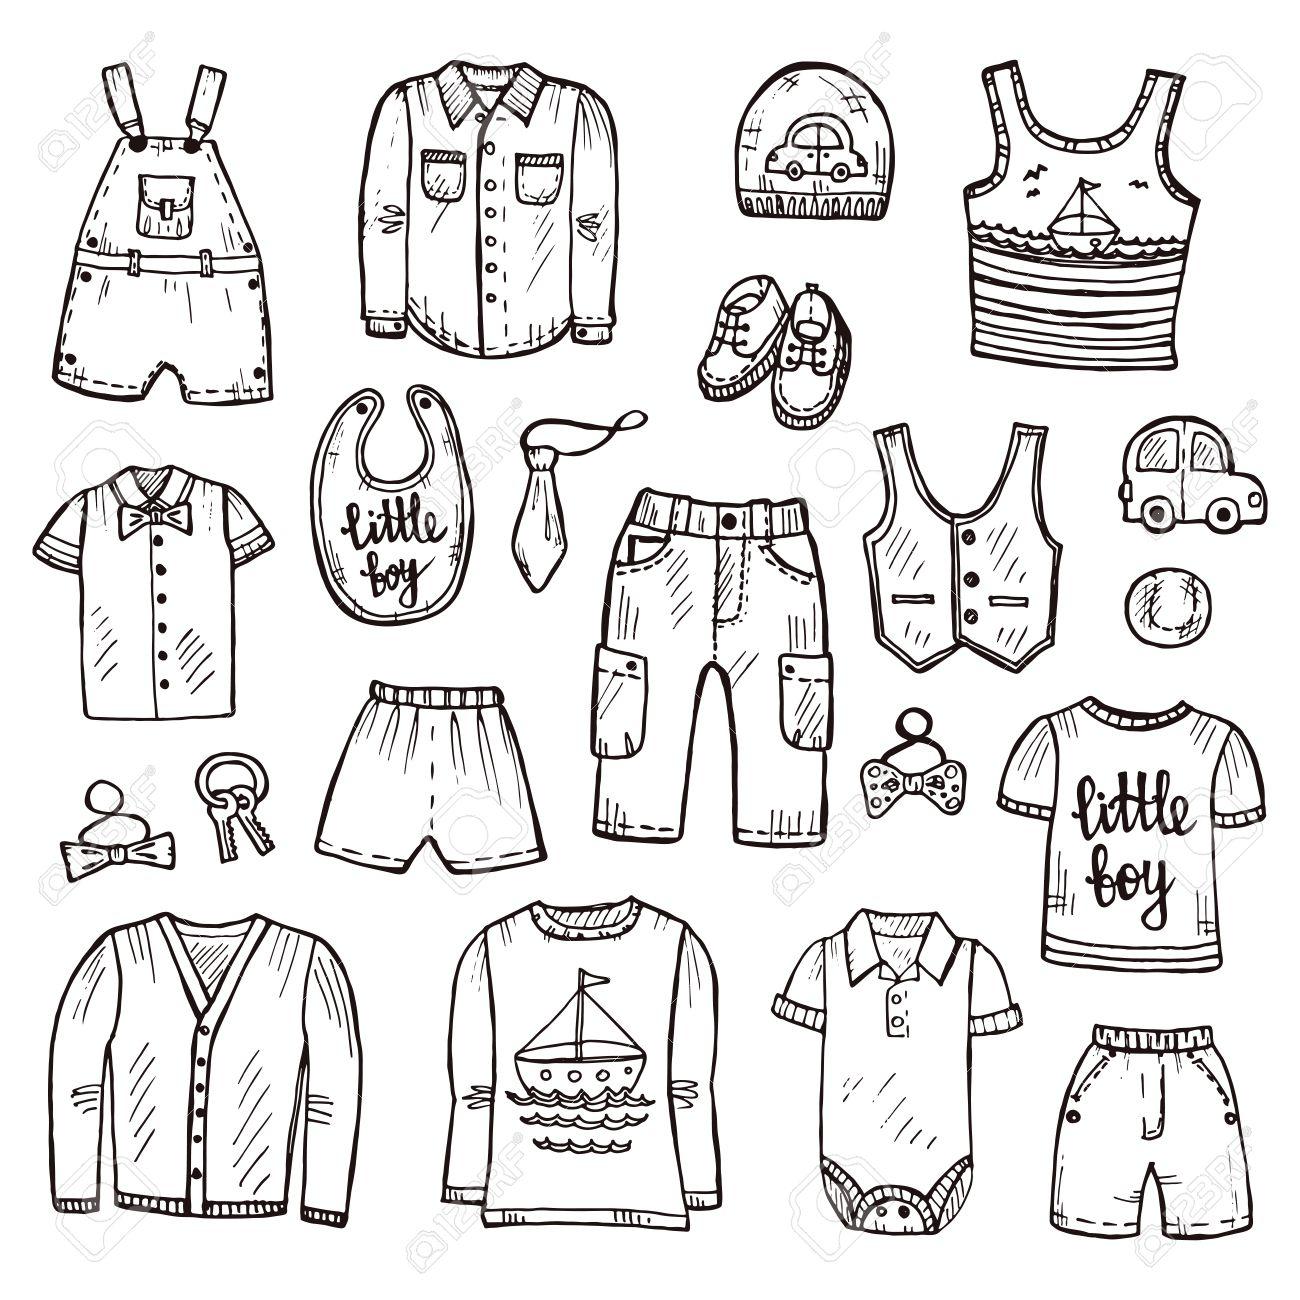 vestiti disegnati